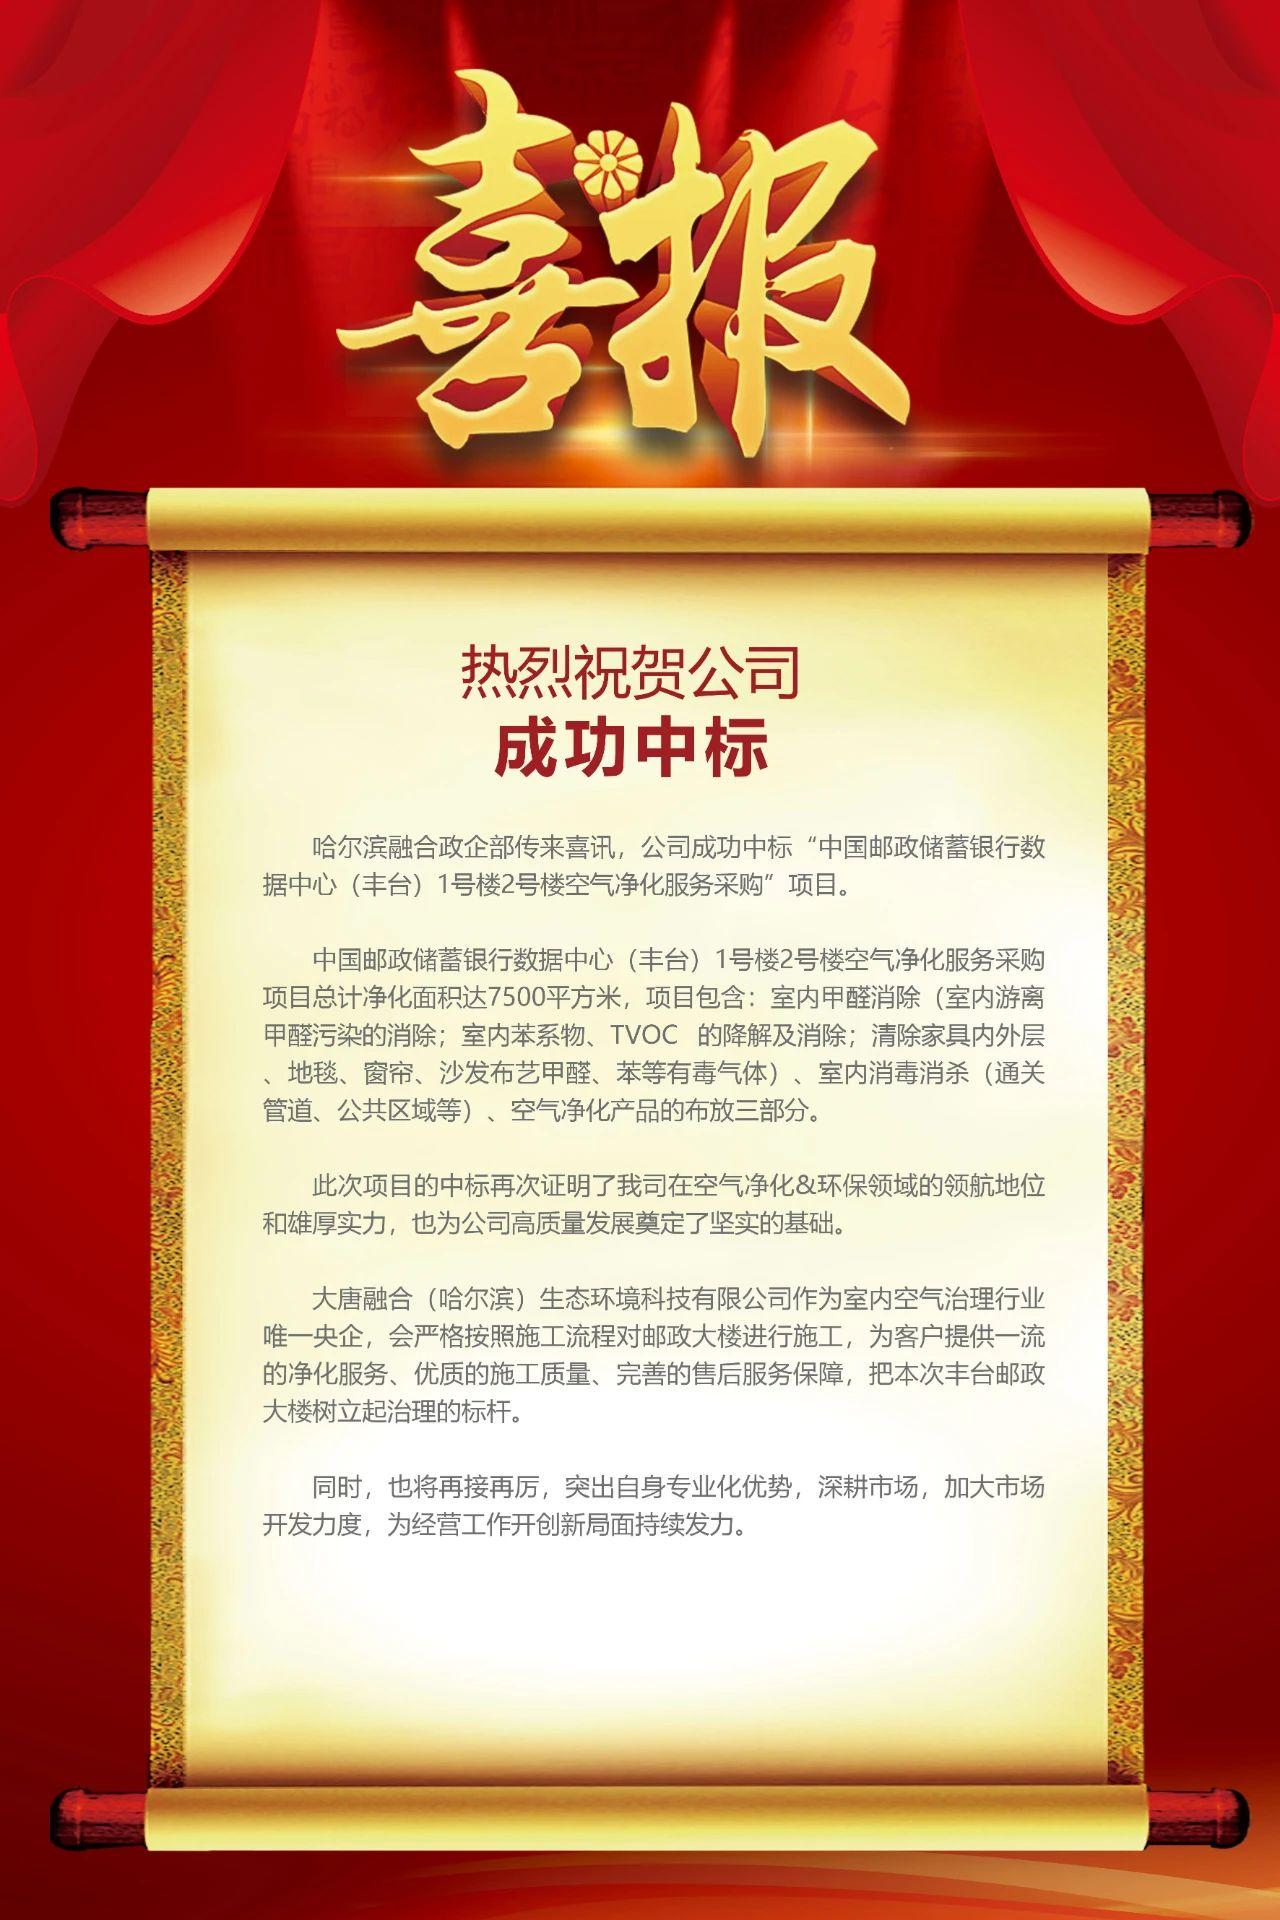 恭喜大唐融合中标中国邮政储蓄银行空气治理